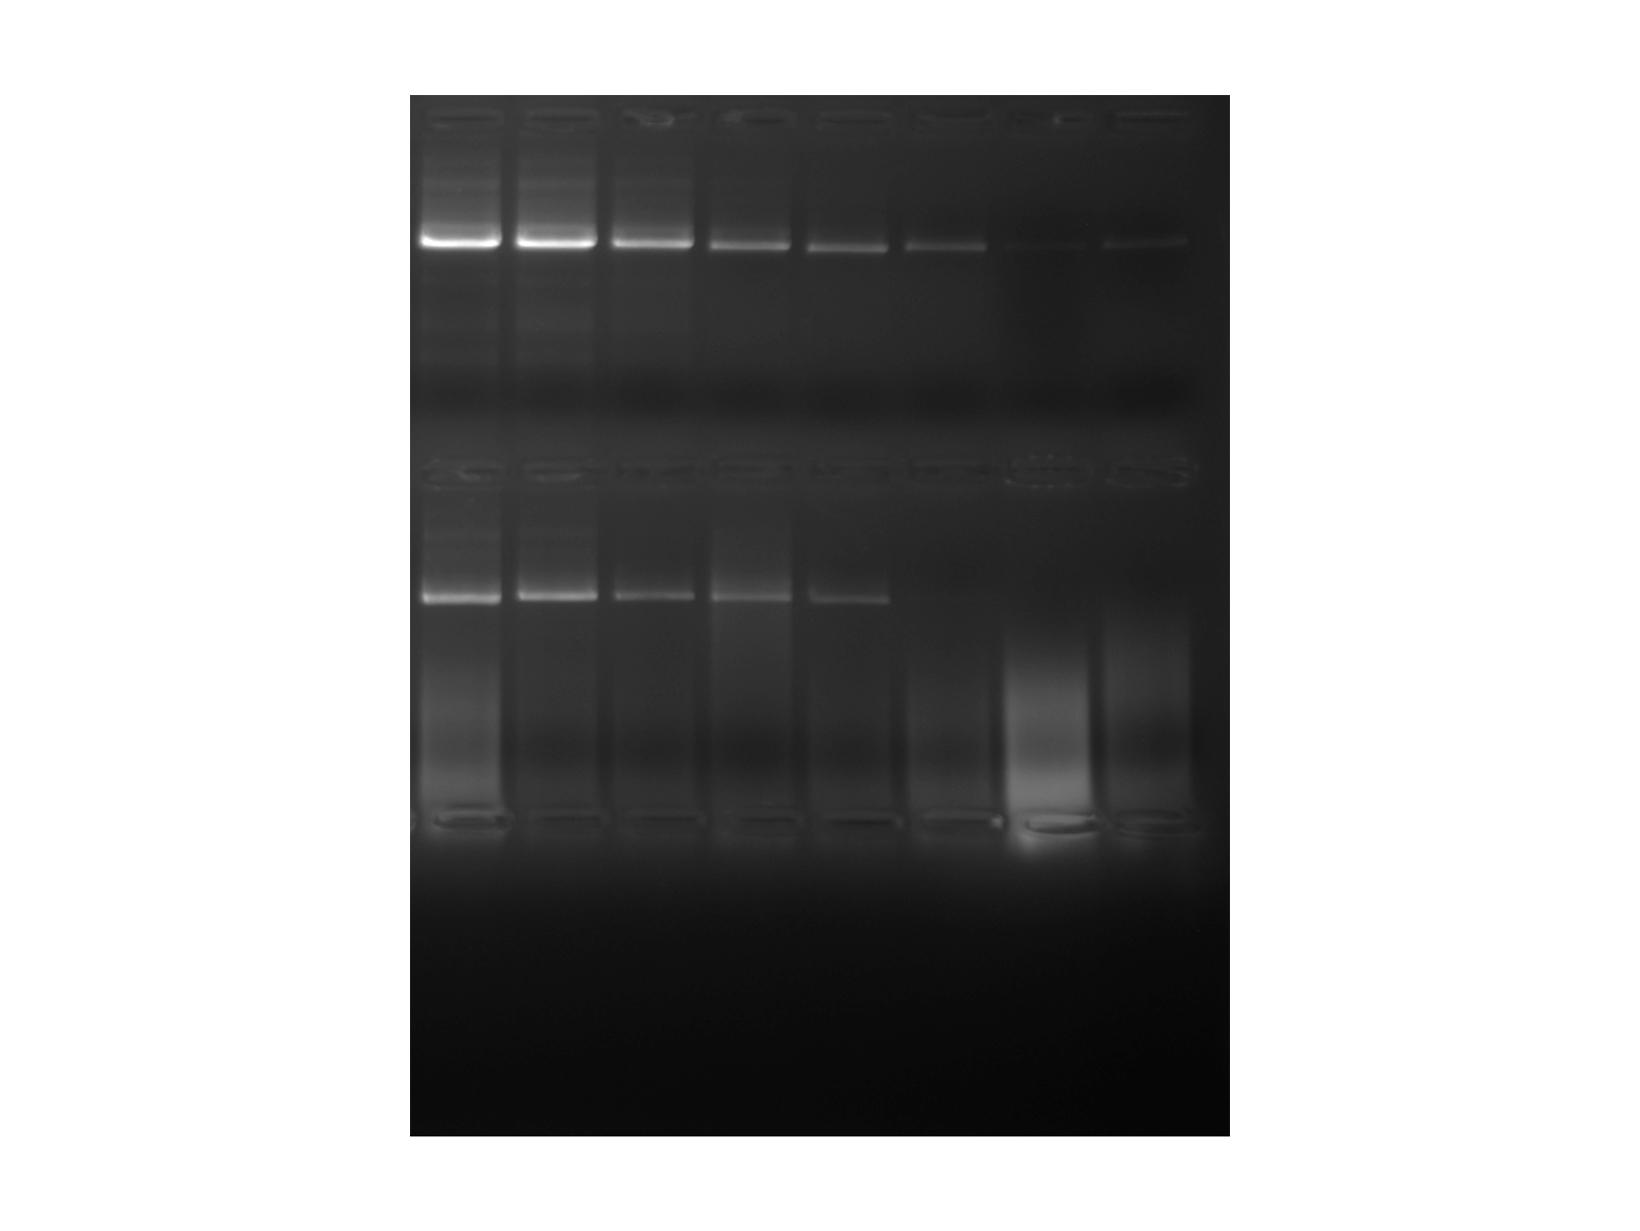 PCRBIO HiFi Polymerase competitor comparison gel image